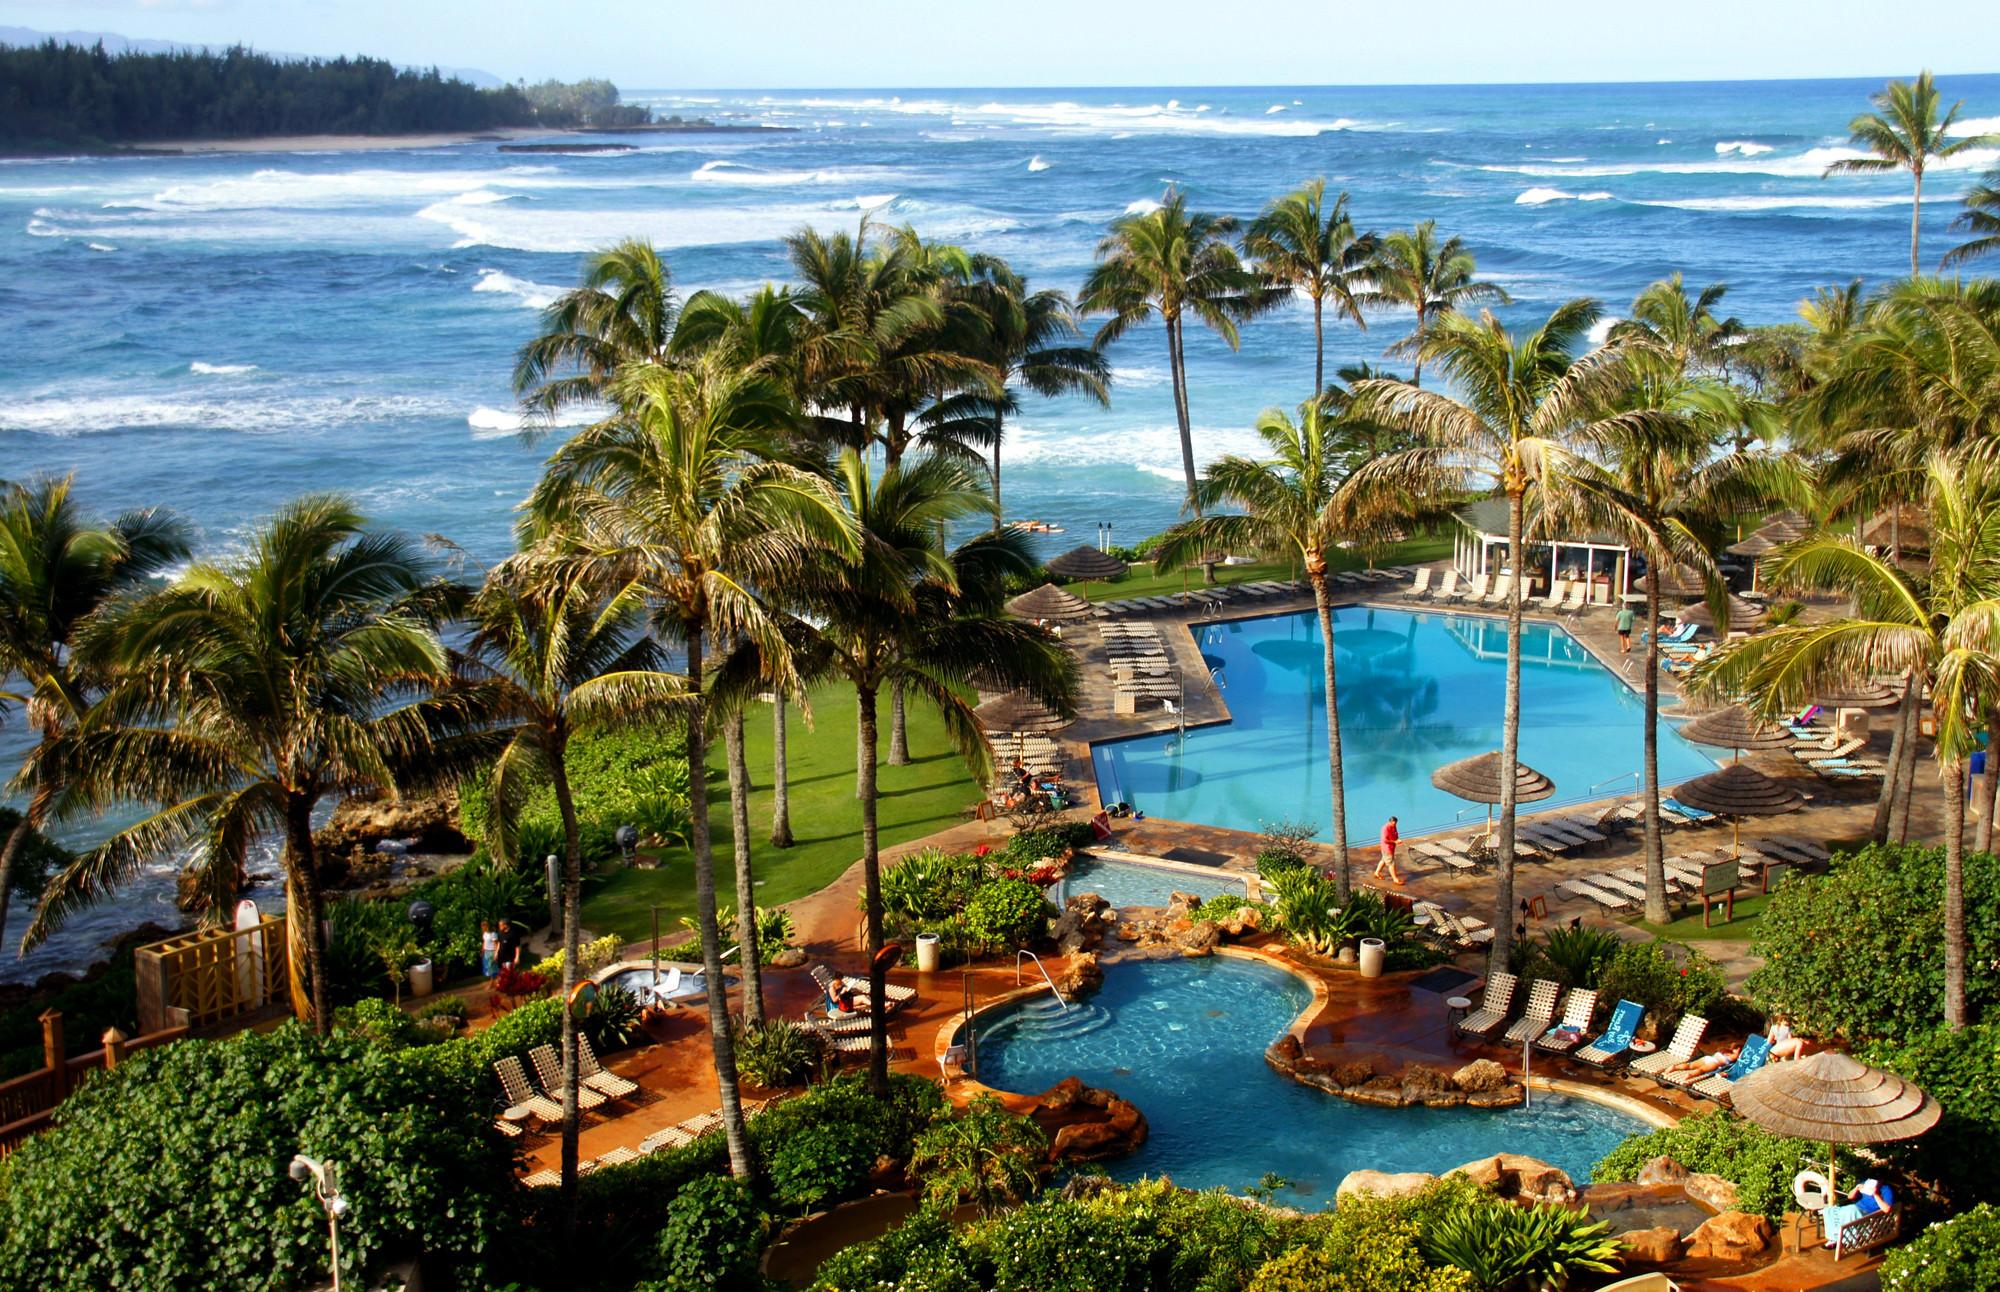 A Weekend At Oahu's Turtle Bay Resort